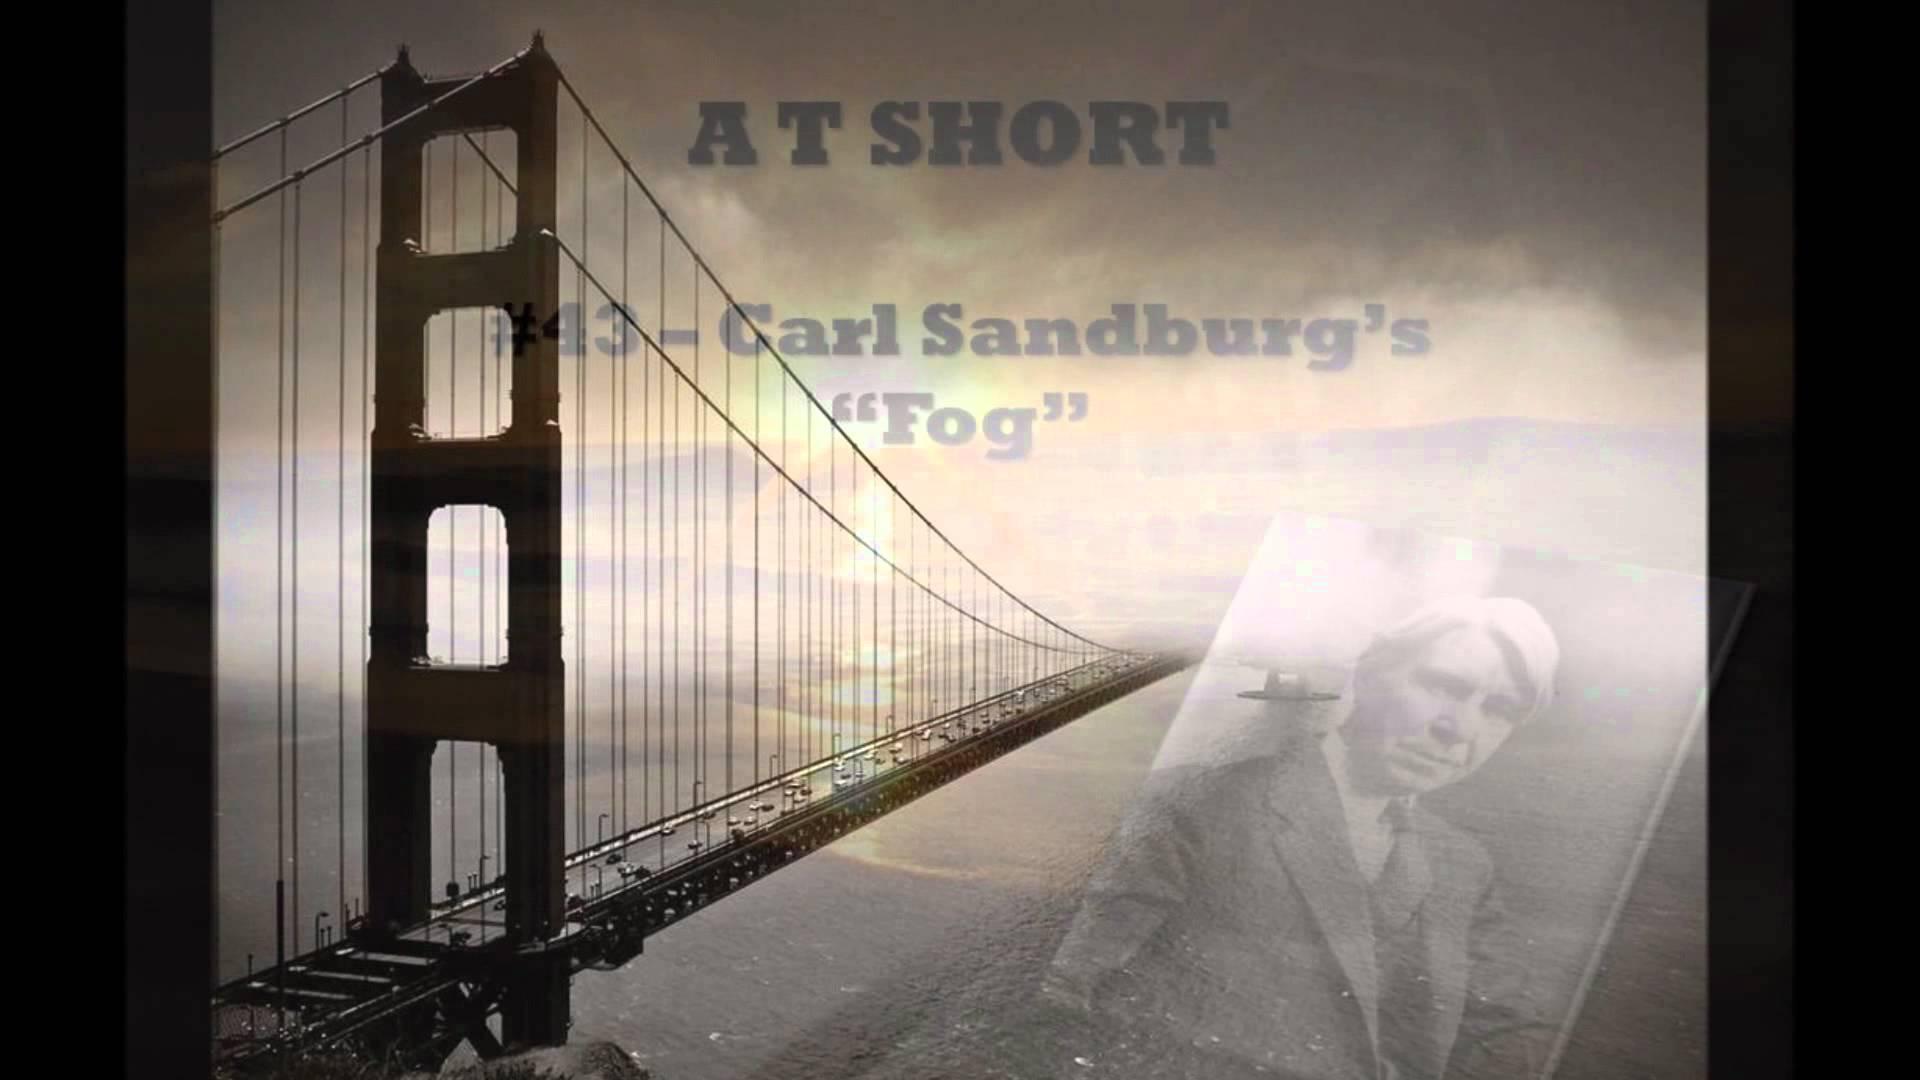 Carl Sandburg's Fog.jpg | image by www.youtube.com